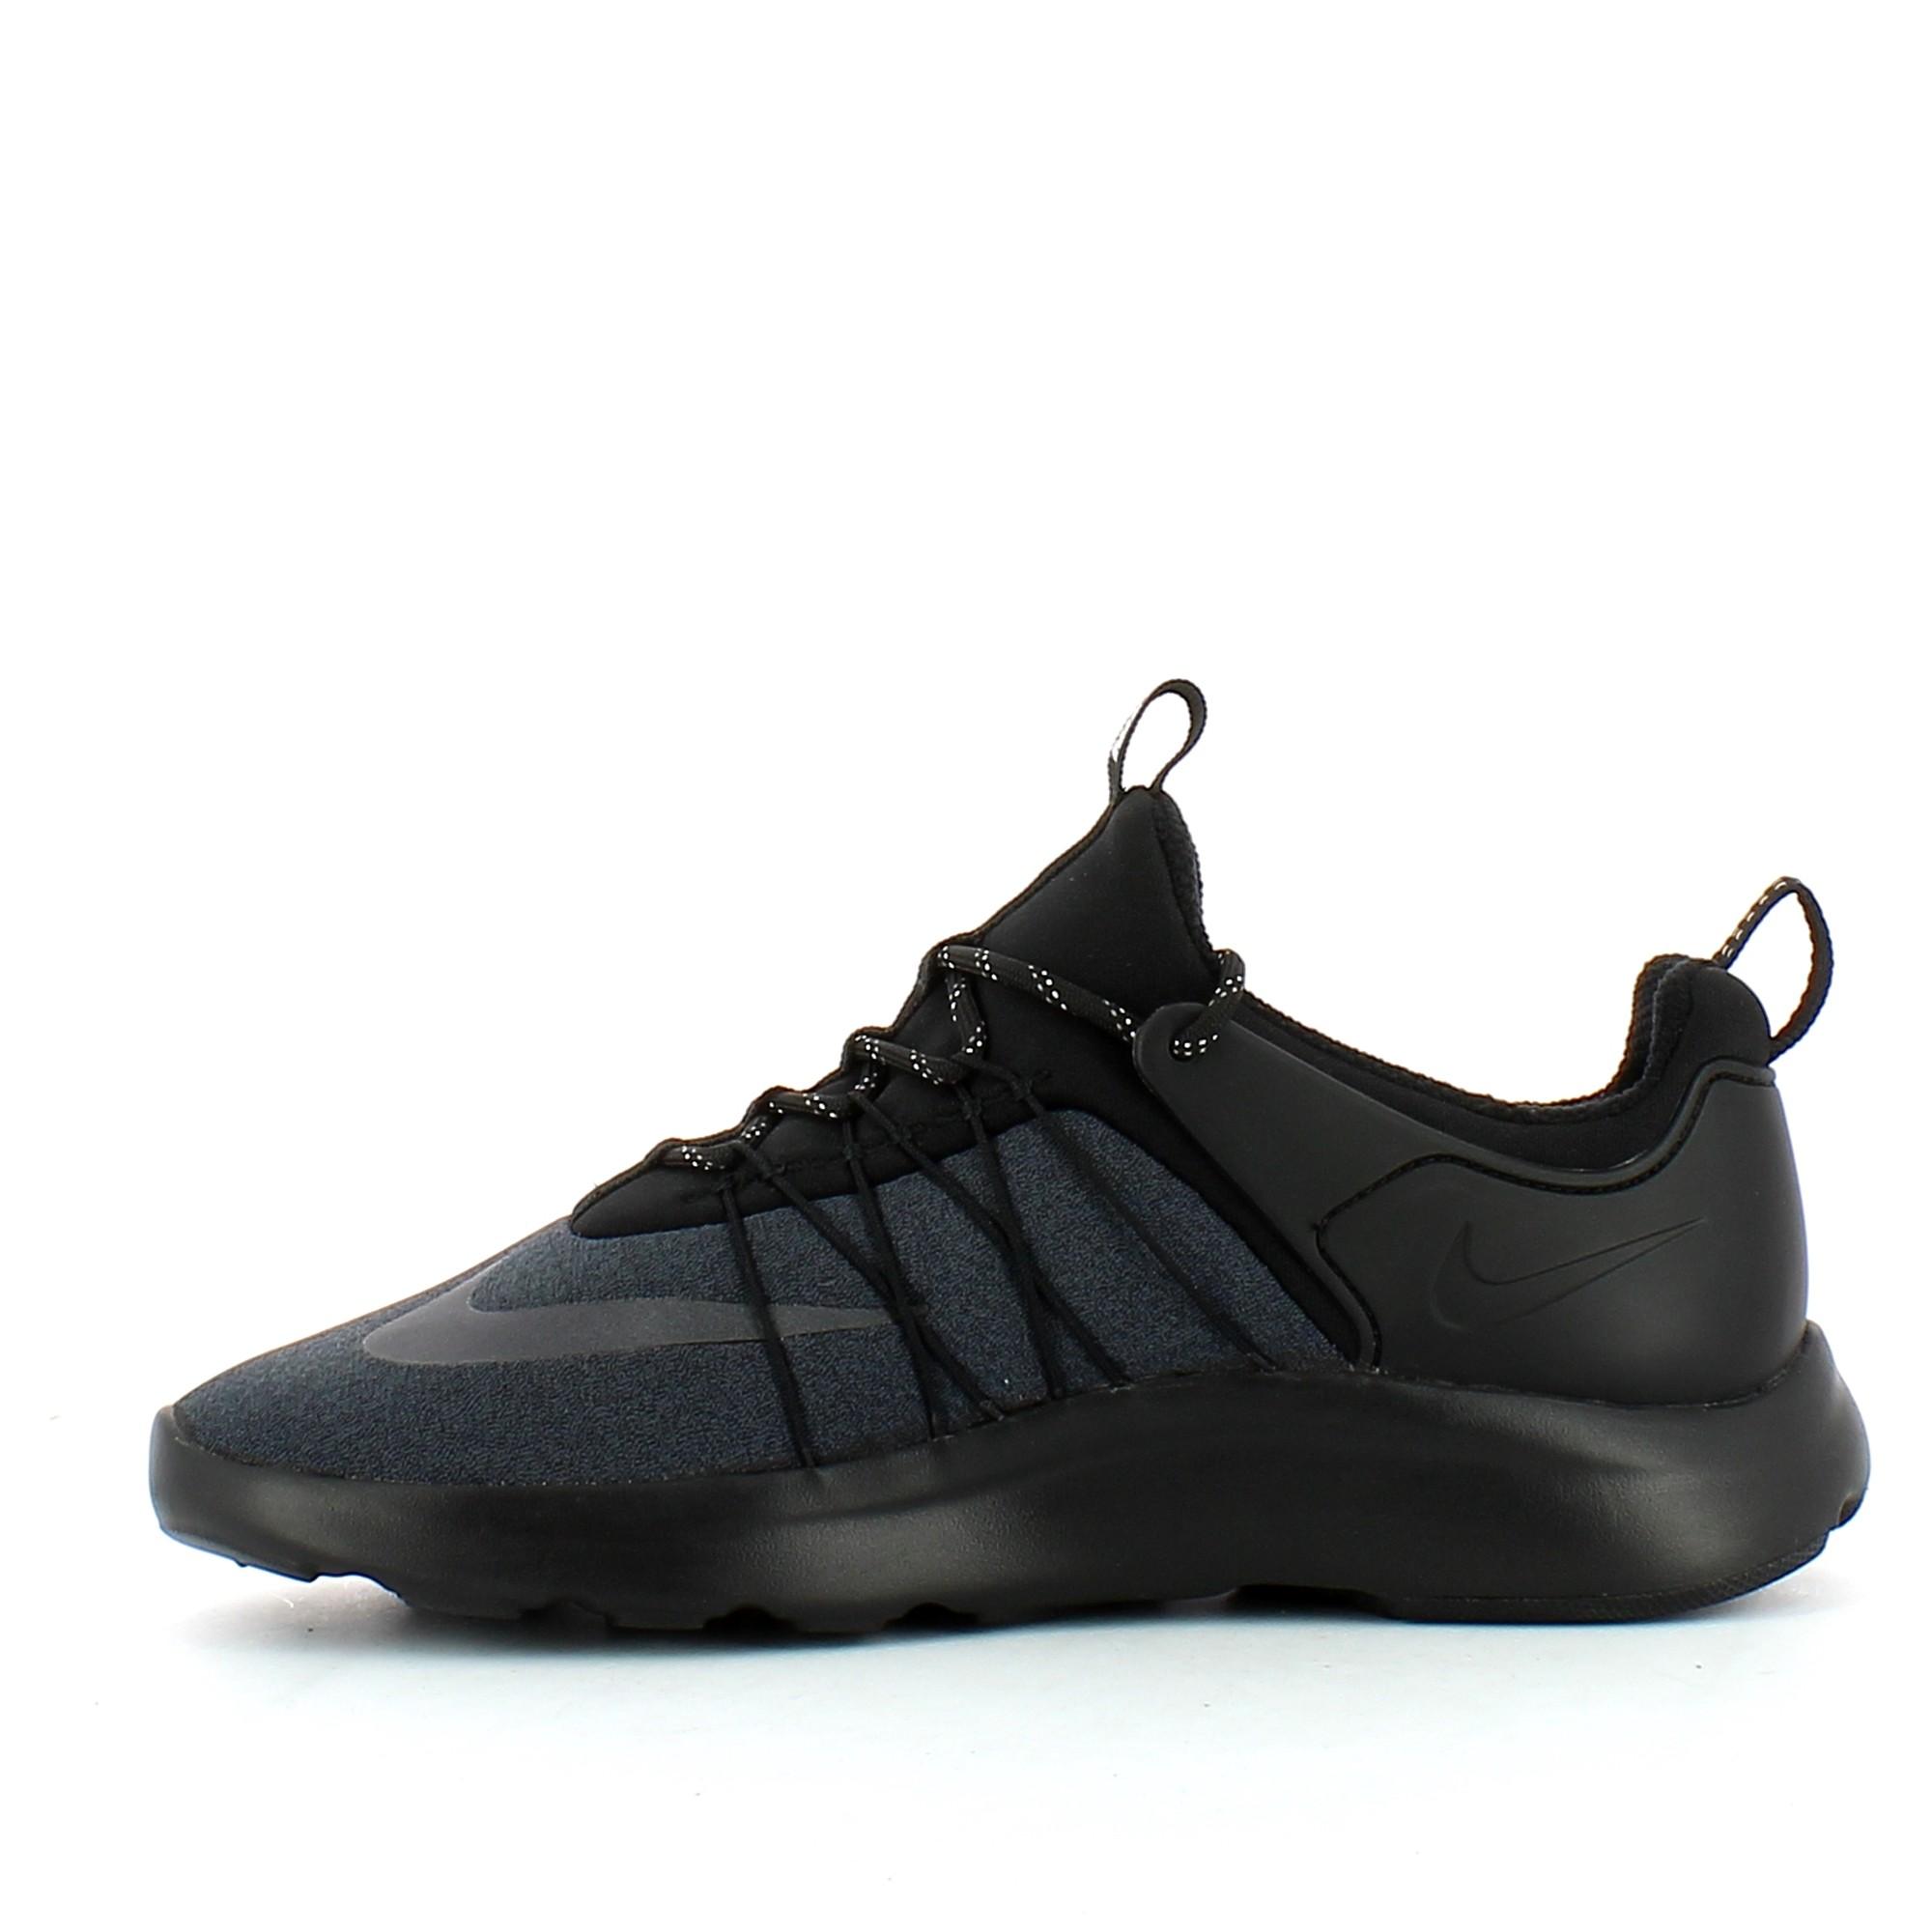 a933e67e Zapatillas Nike Darwin Shoe Negro Hombre - Deportes Moya